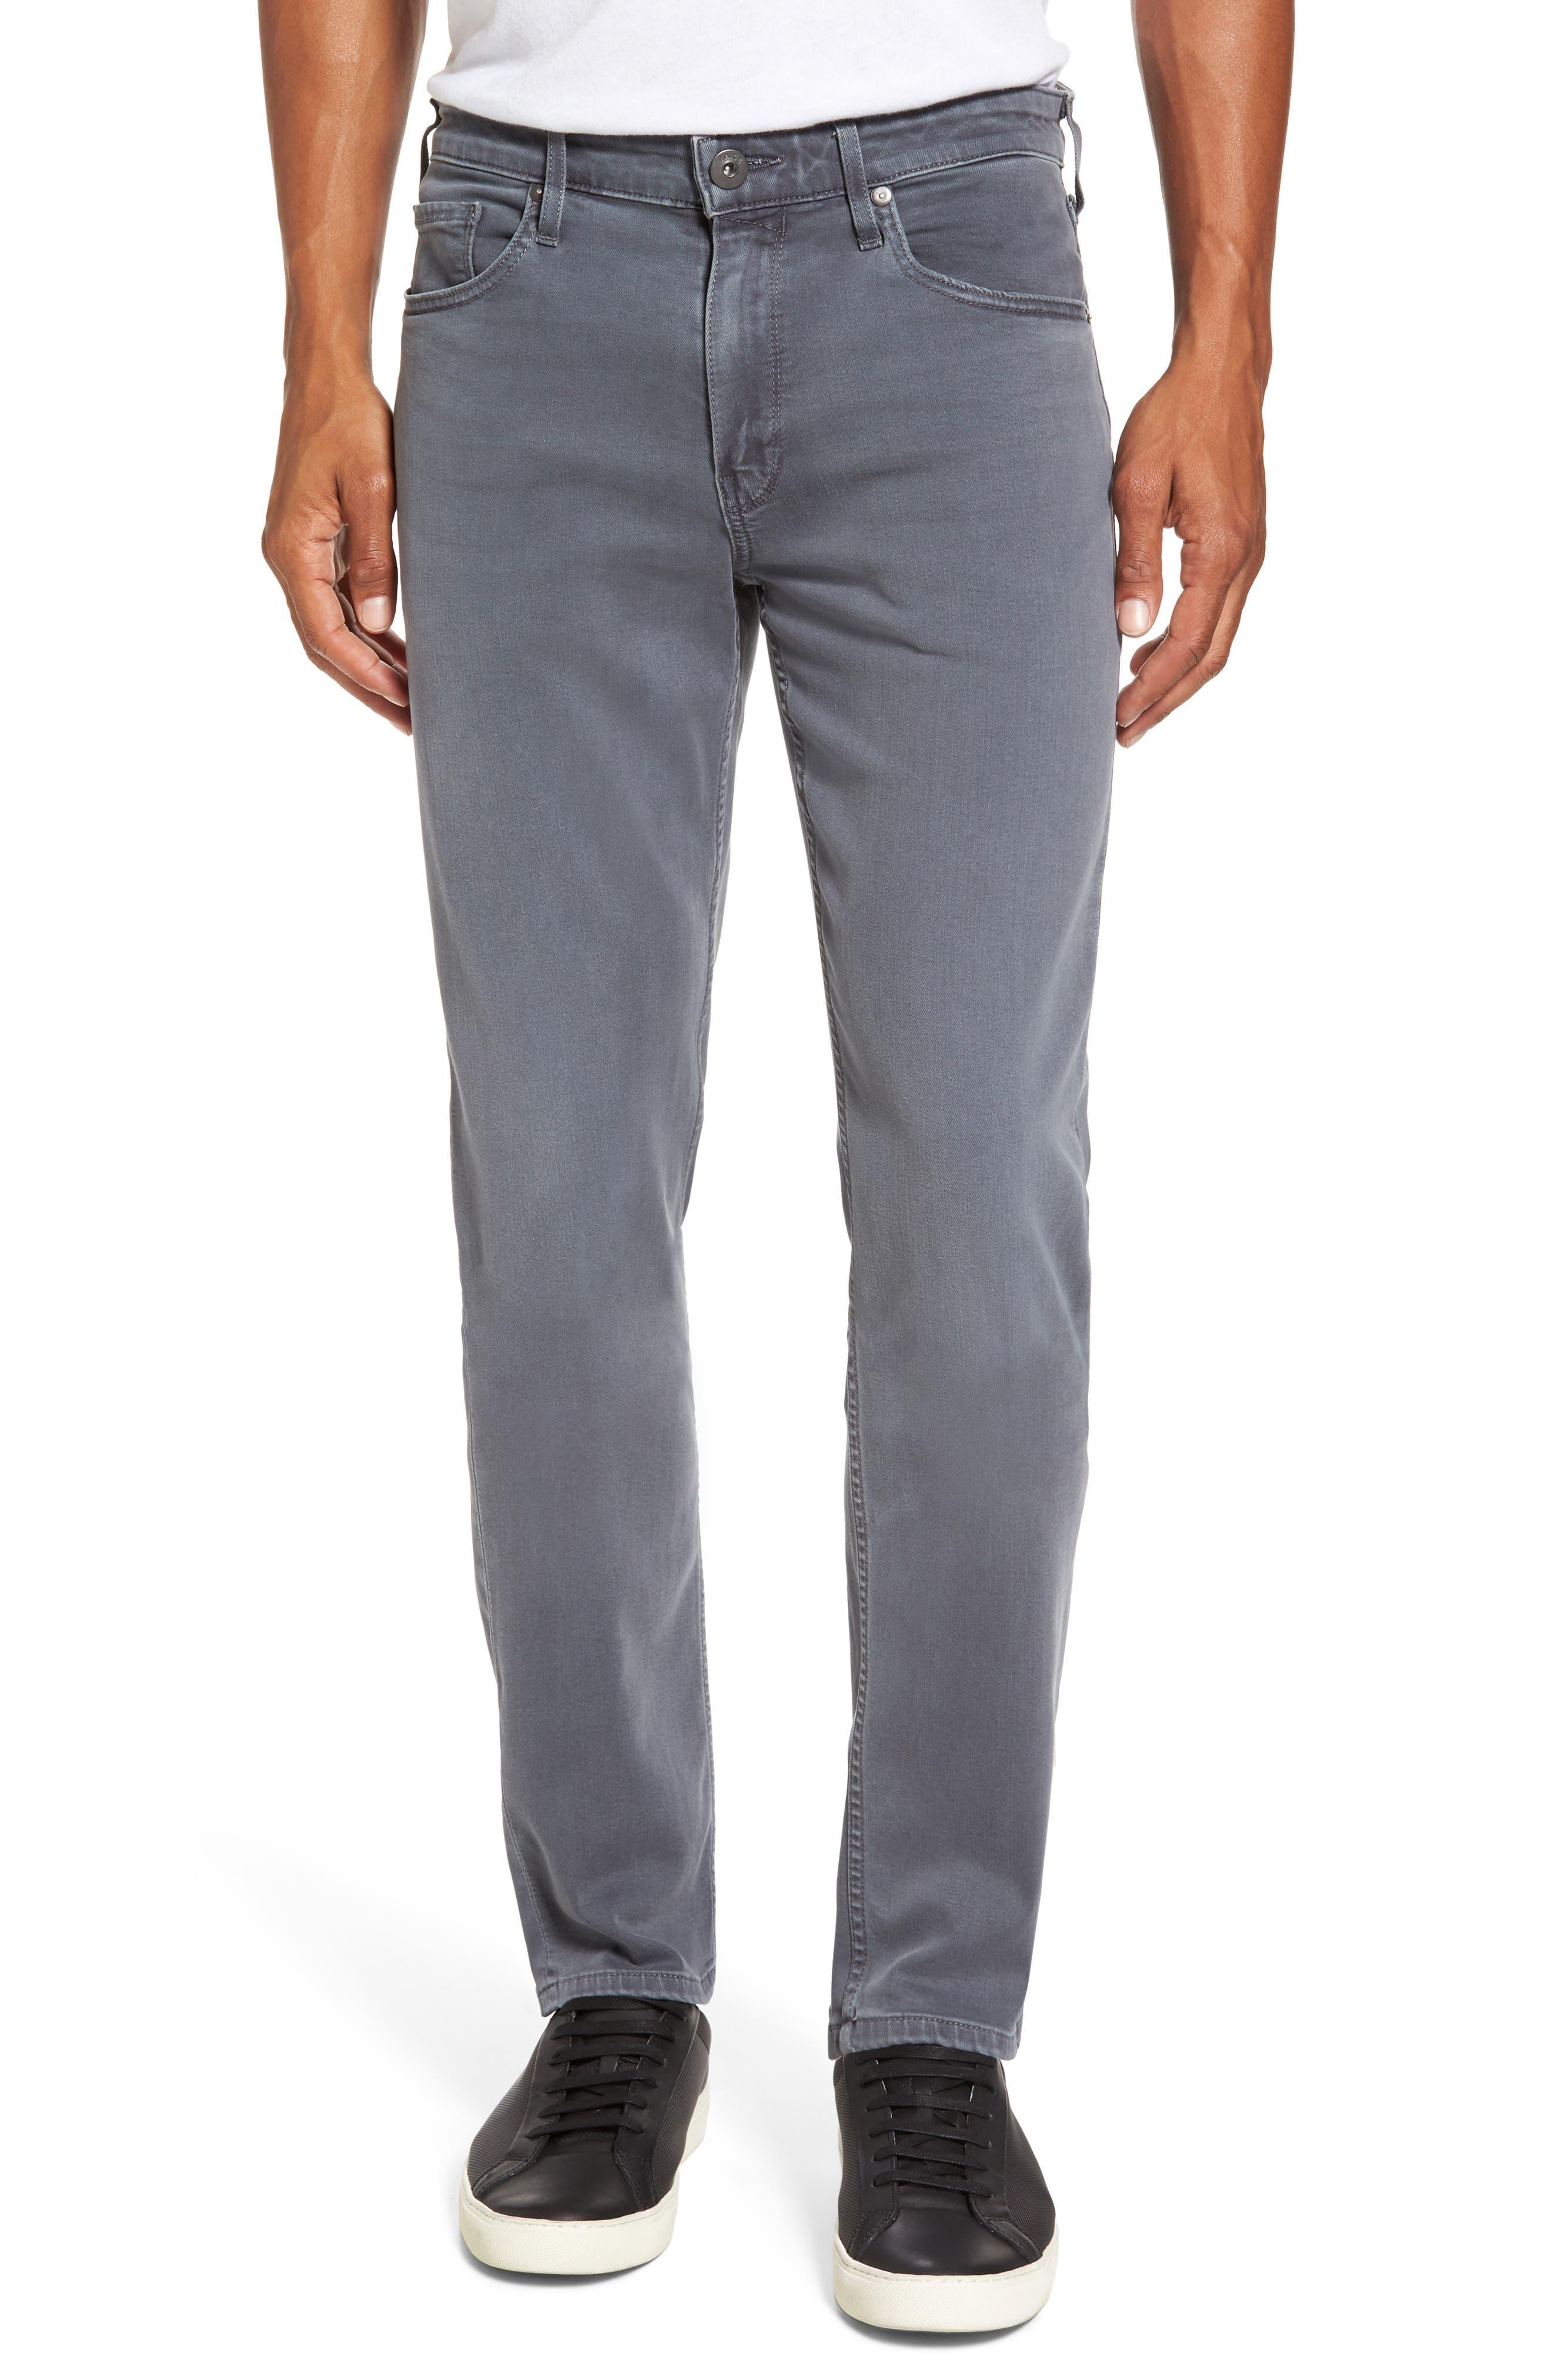 Lennox Slim Fit Jeans,                             Main thumbnail 1, color,